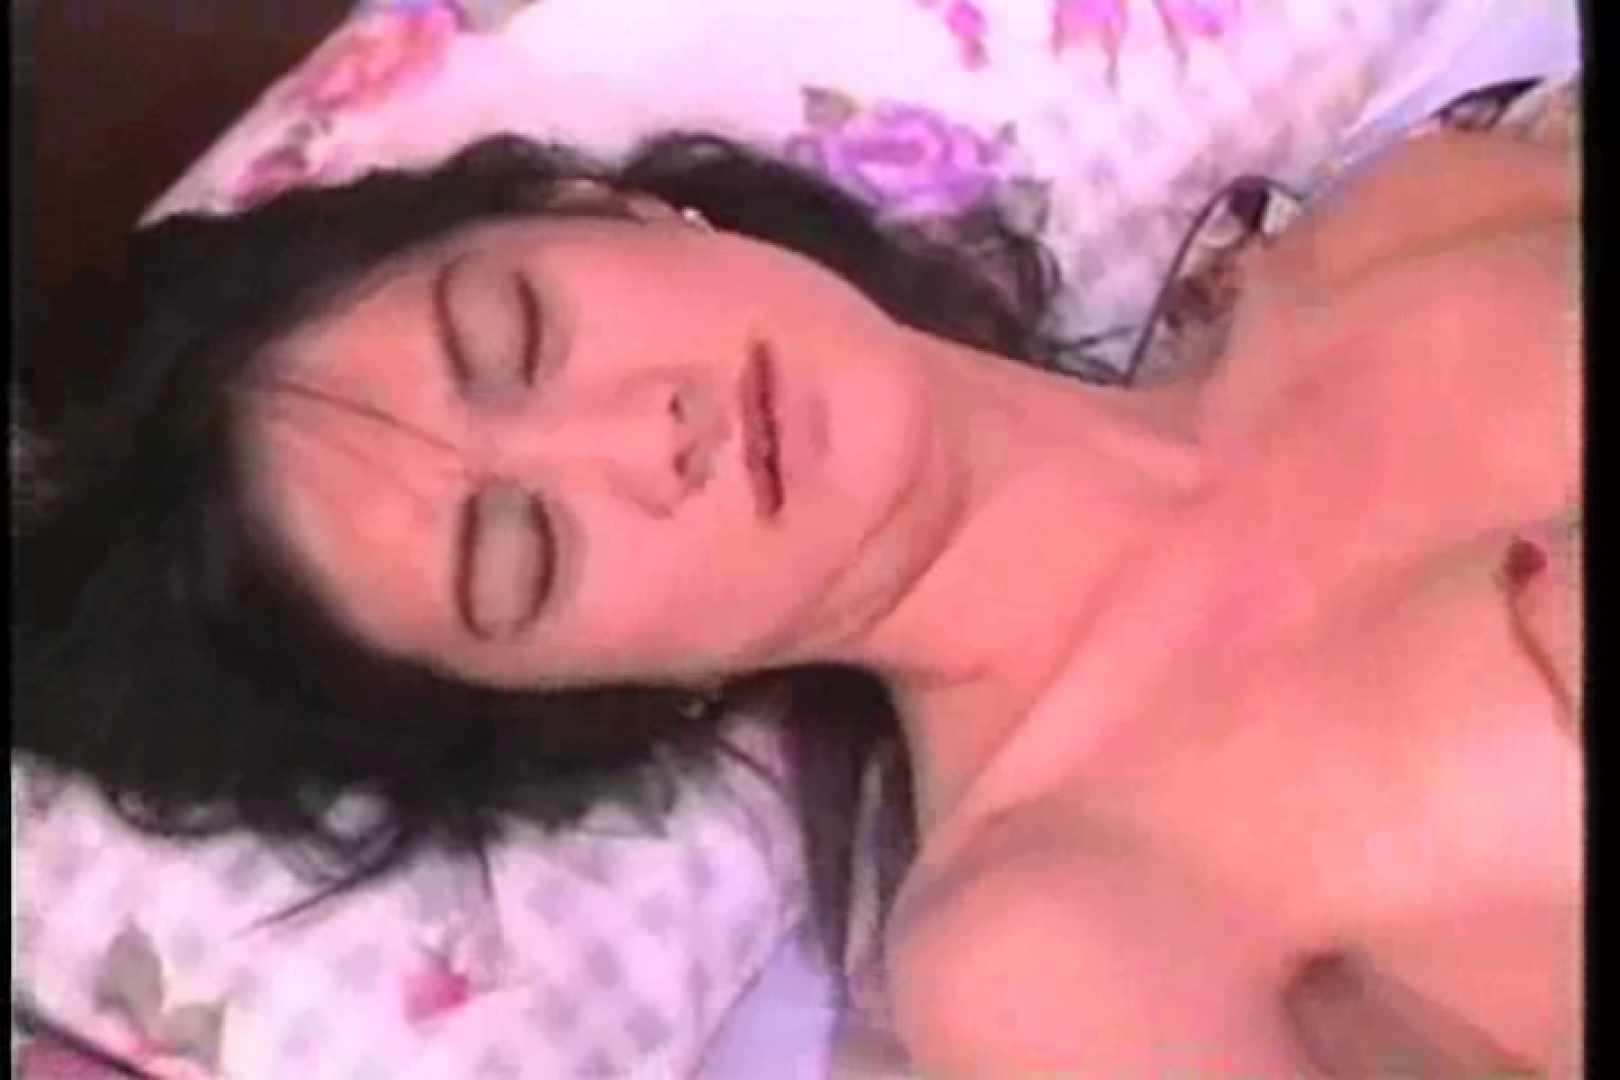 素人嬢126人のハメ撮り 中条理沙 人妻のエッチ スケベ動画紹介 112pic 64